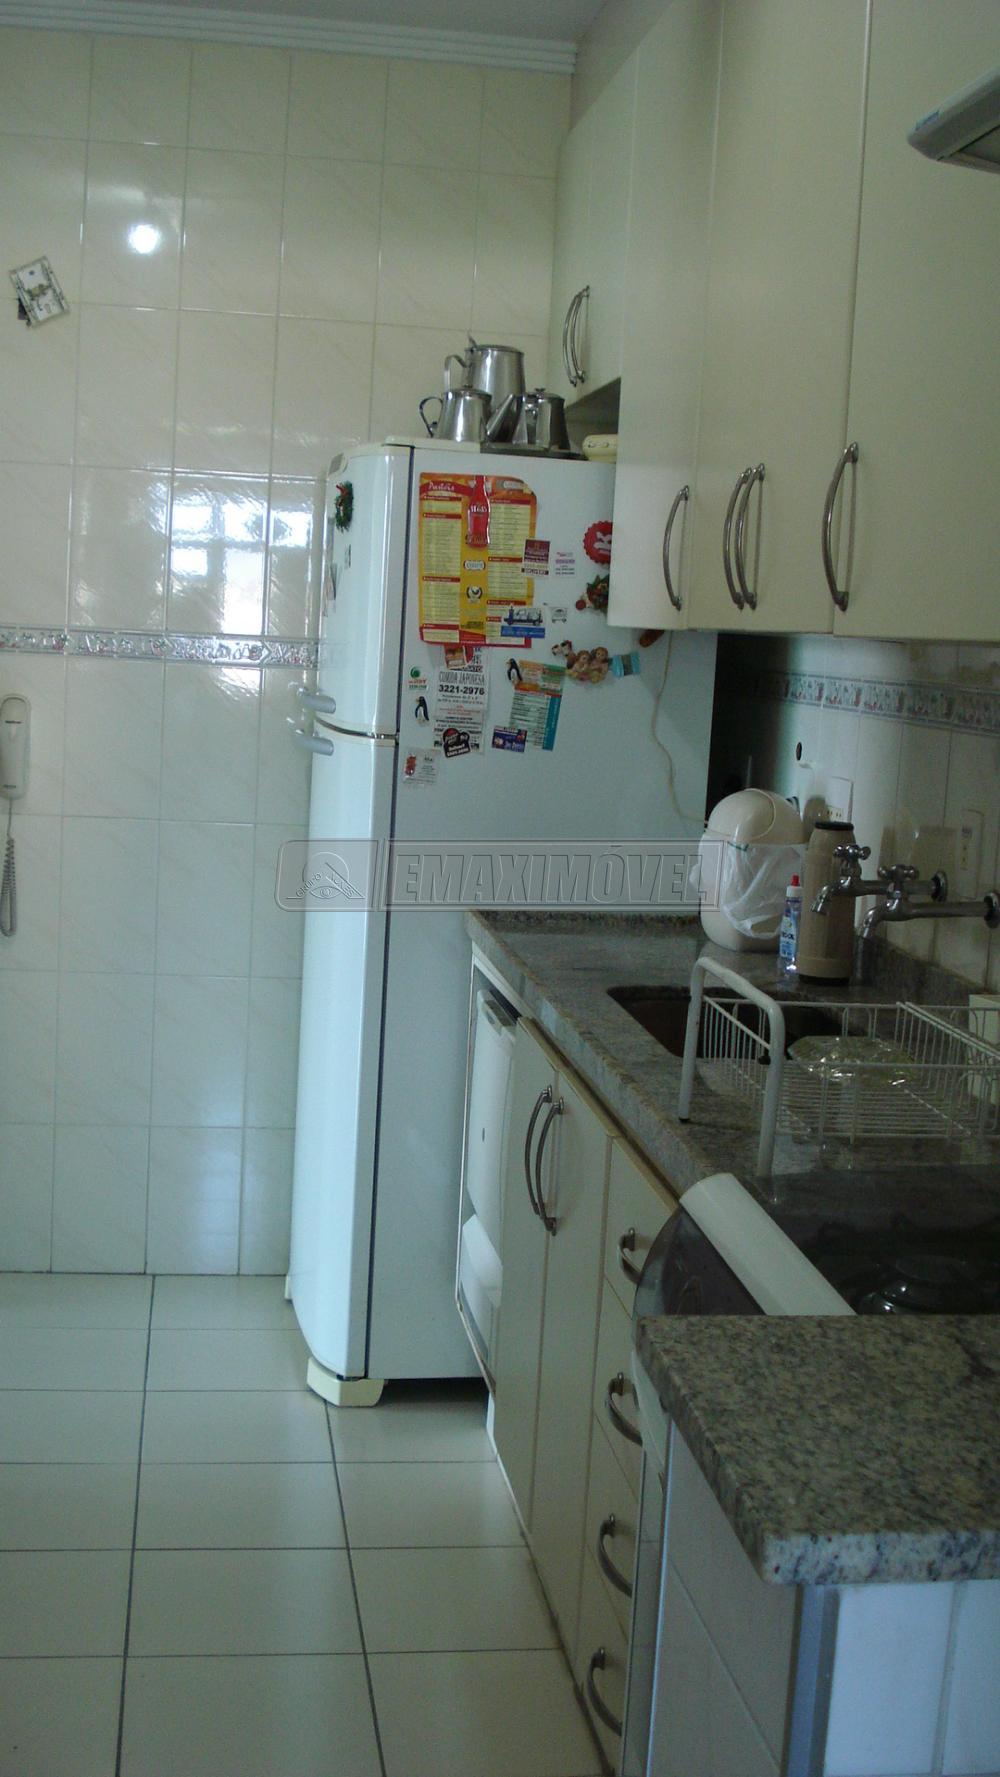 Comprar Apartamentos / Apto Padrão em Sorocaba apenas R$ 450.000,00 - Foto 2